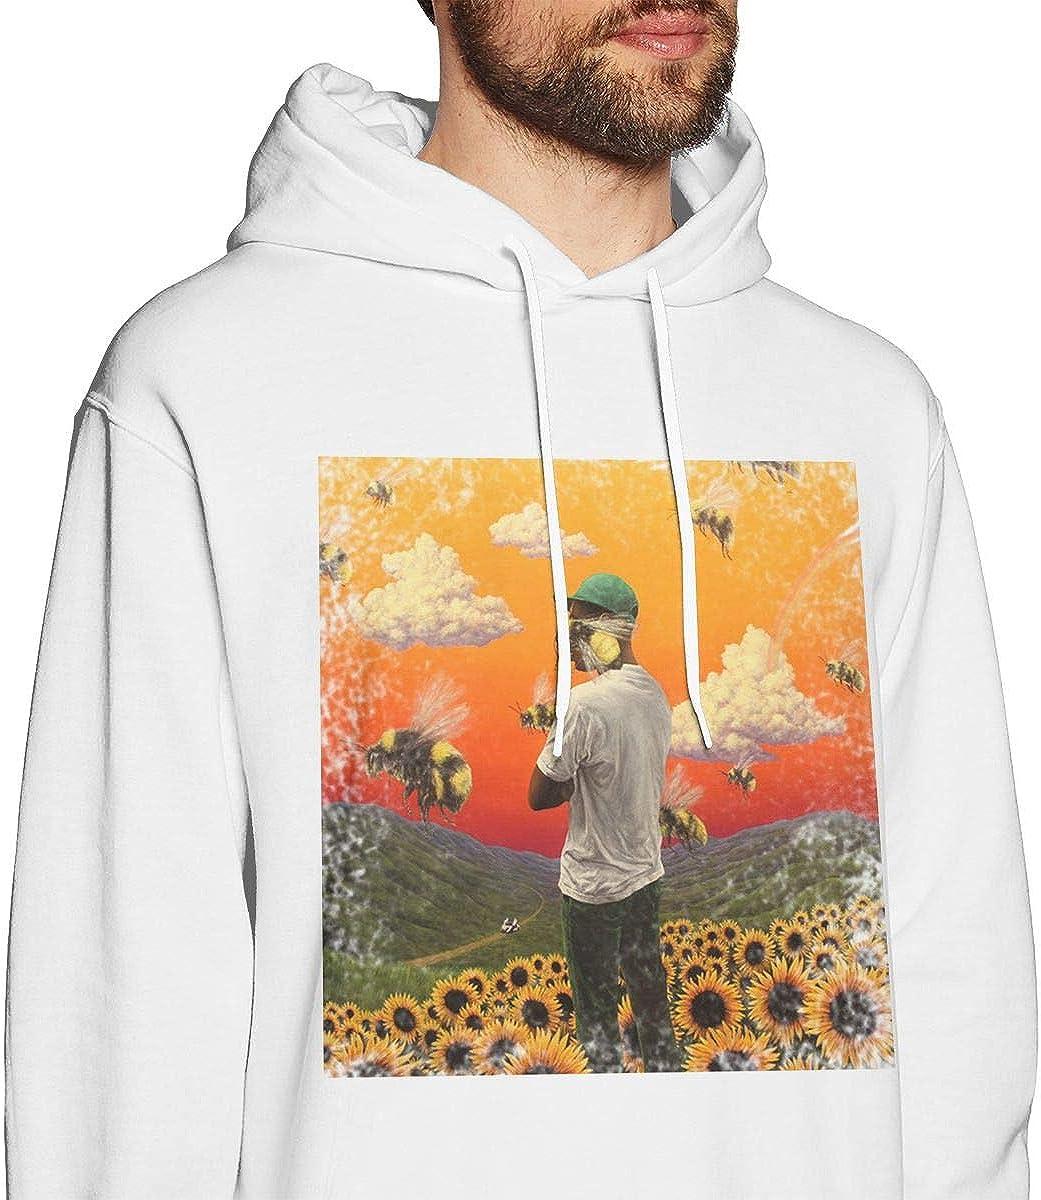 Pekivide Man Tyler Flower Boy Comfortable White Hoodie Sweatshirt Jacket Pullover Tops